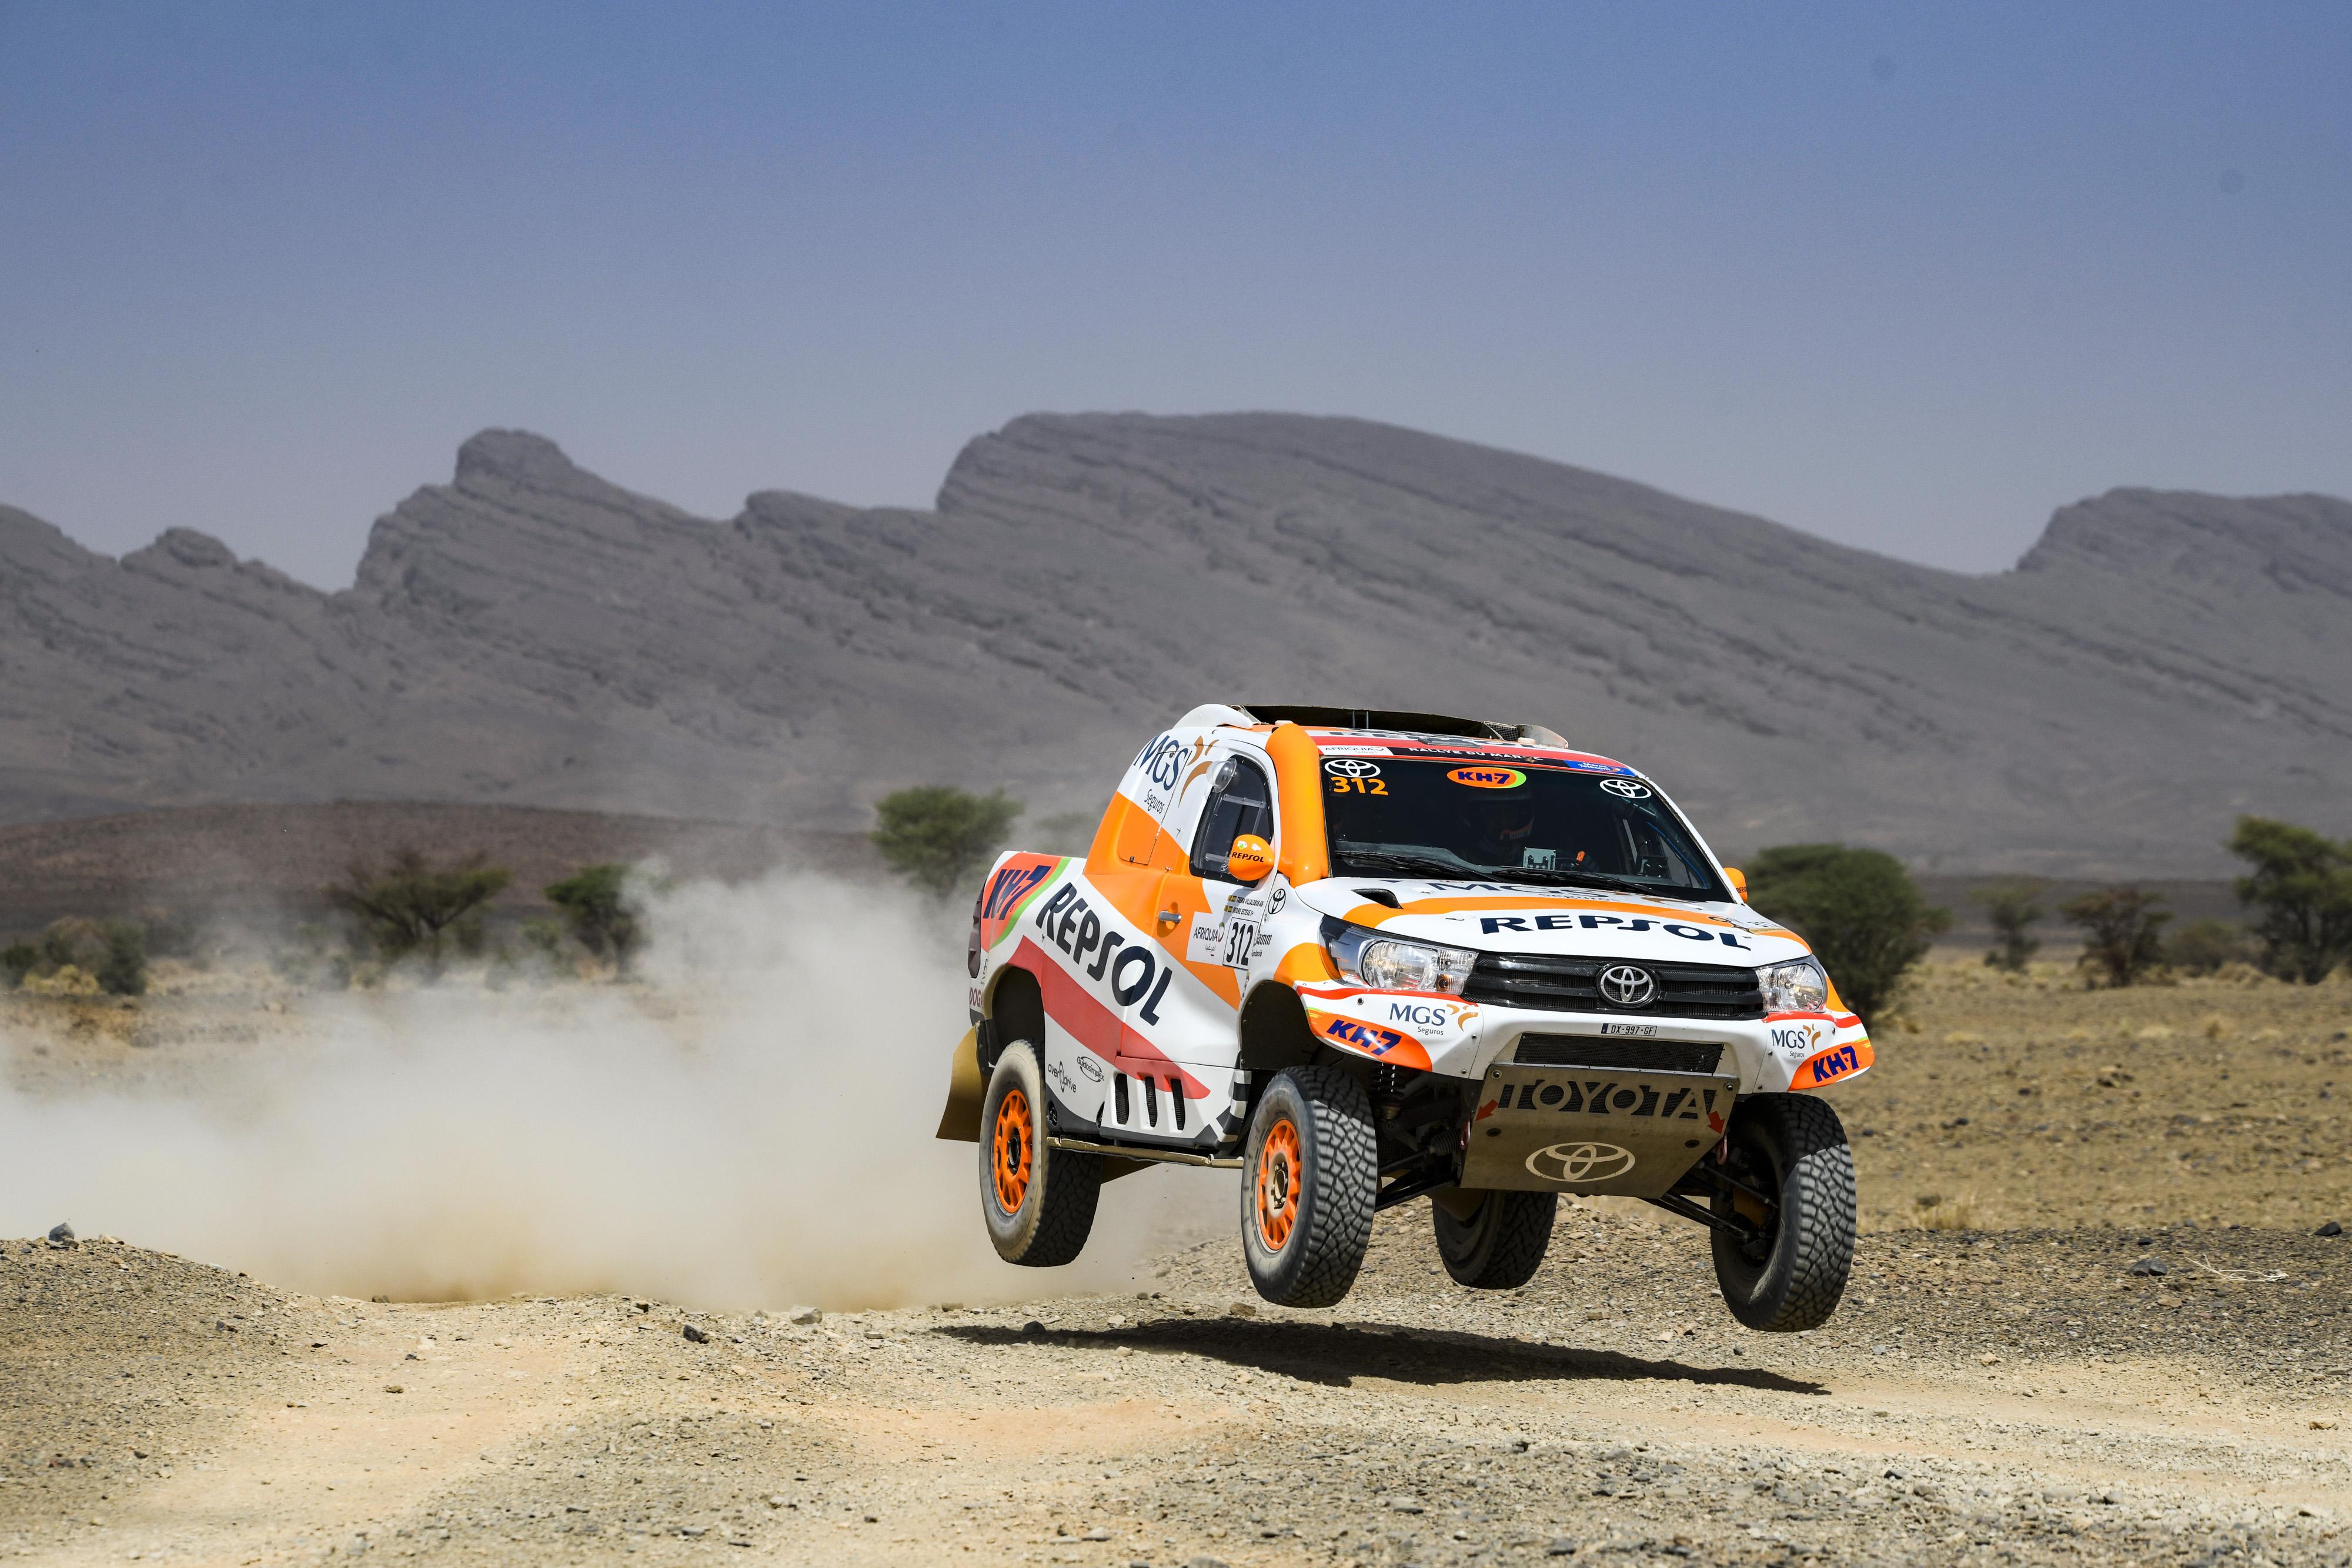 Isidre Esteve acaricia el top 10 de coches en un día exigente en el Rally de Marruecos